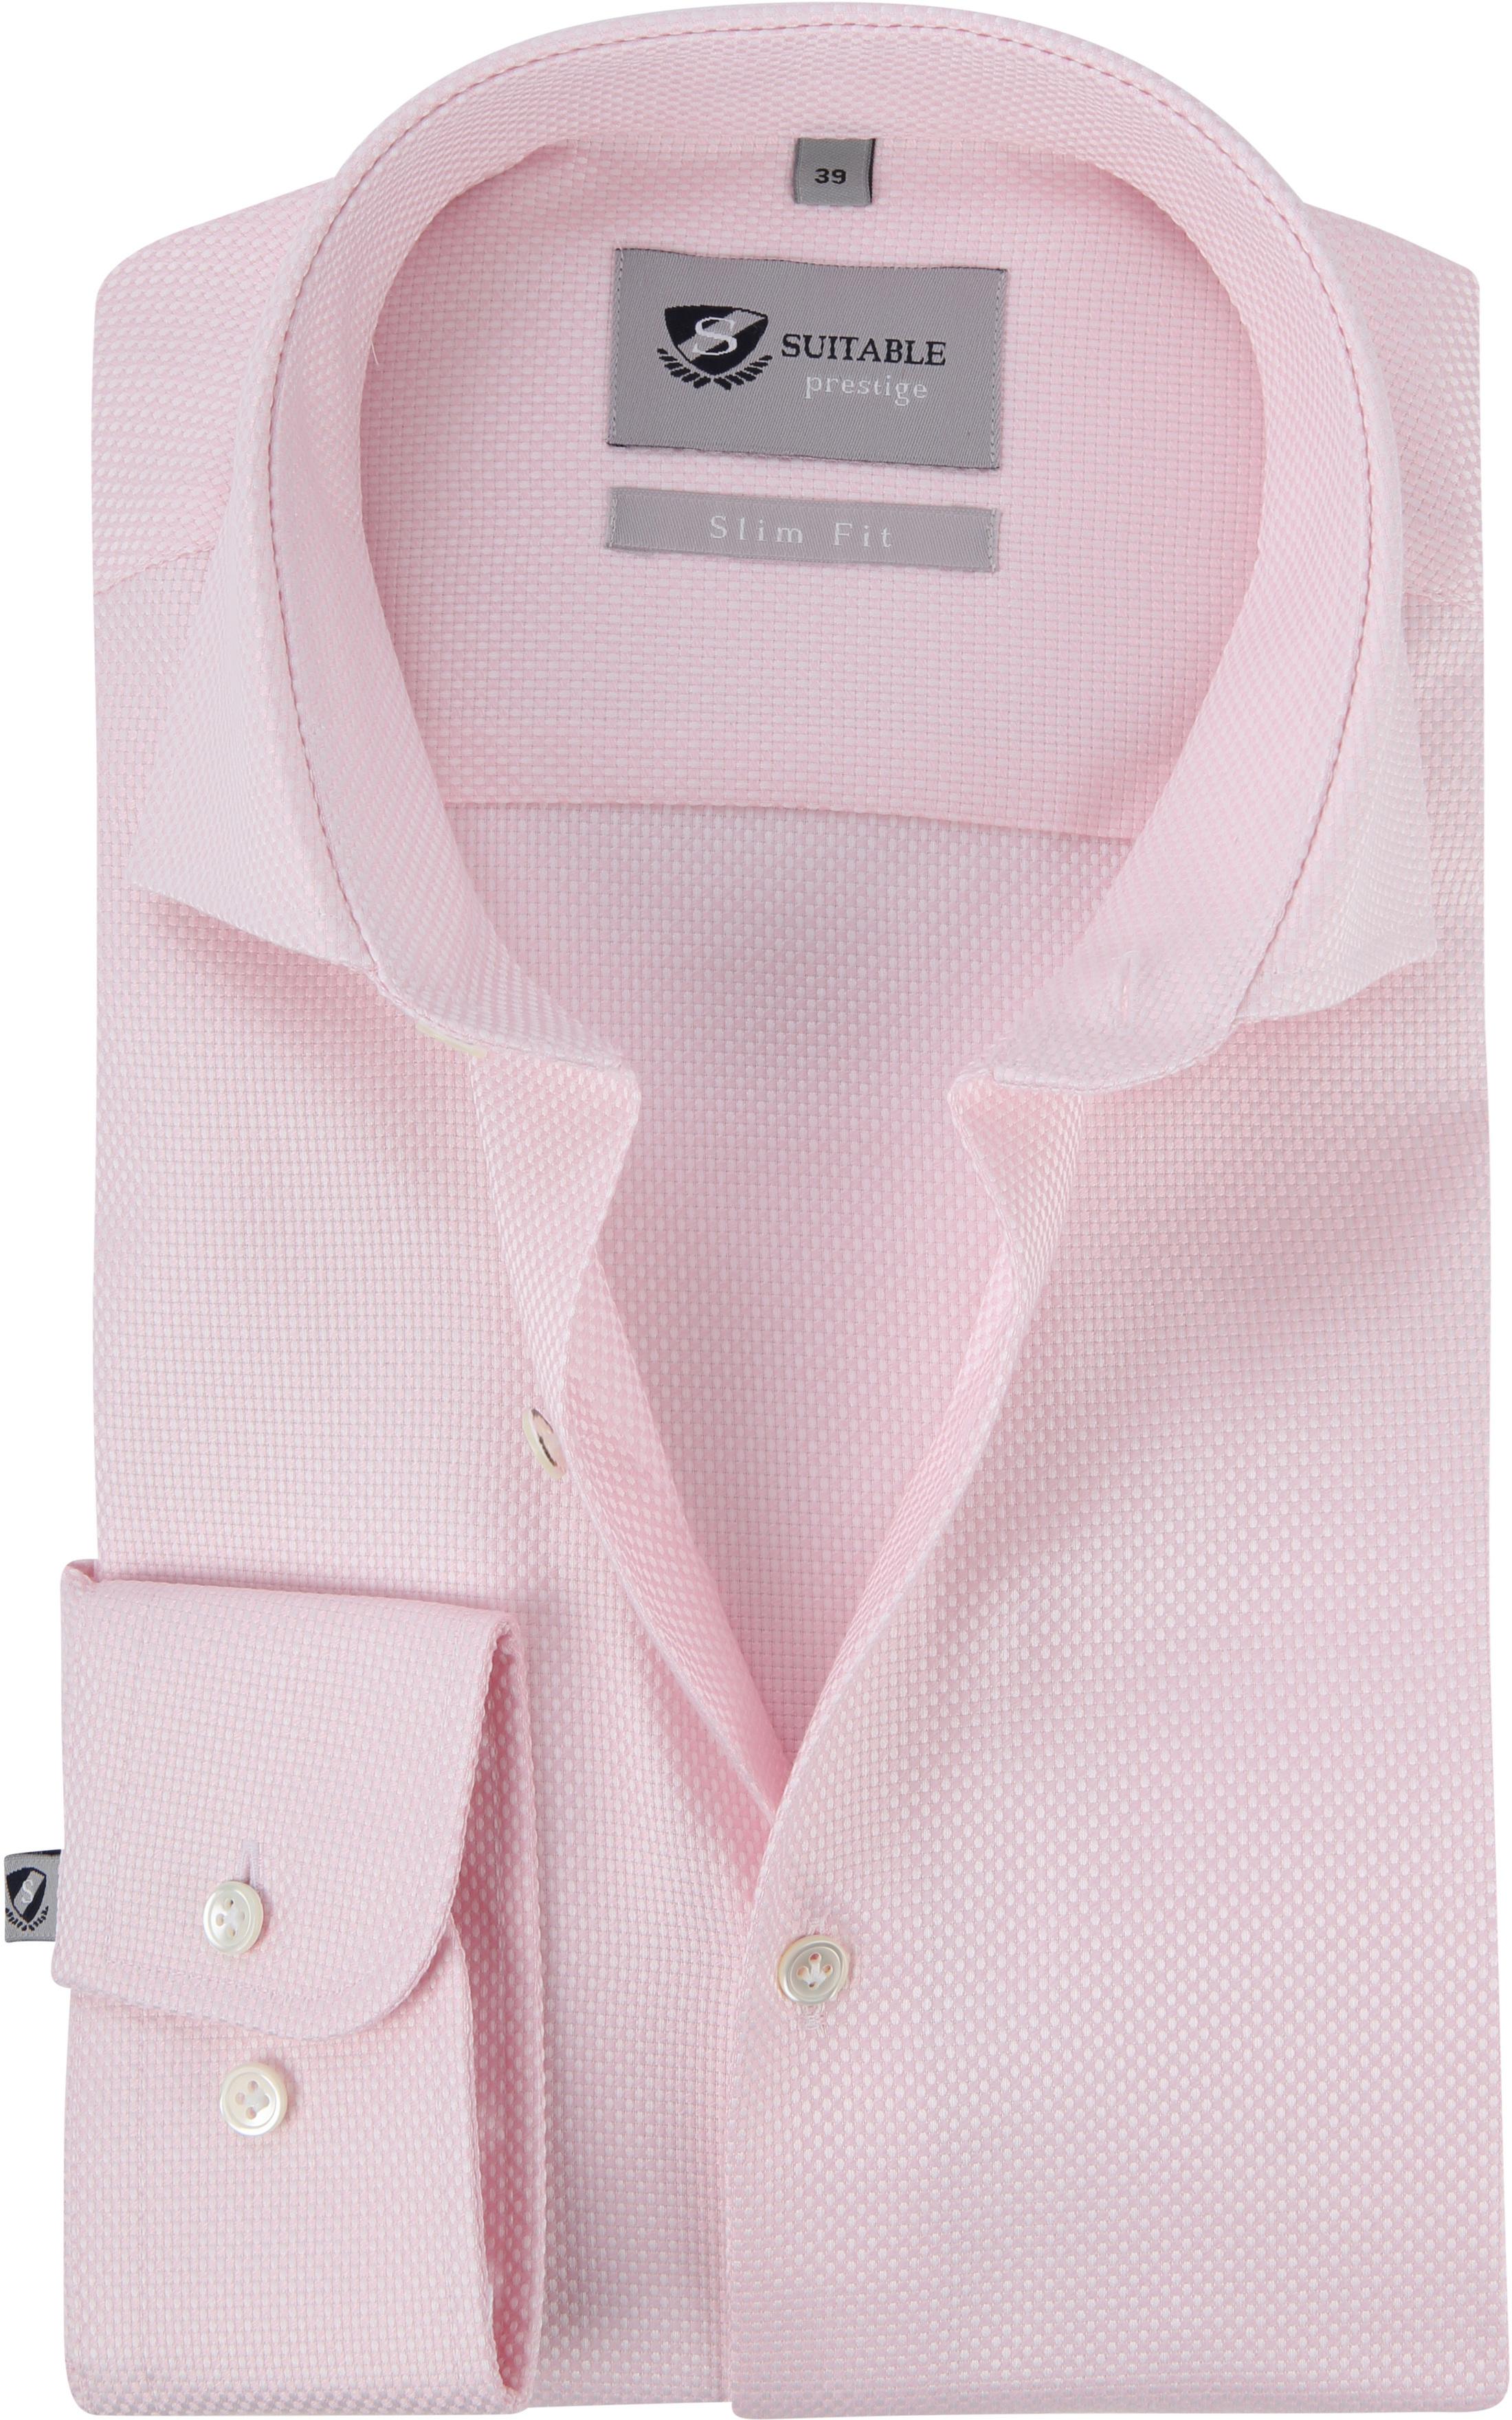 9845ca228f3c41 telefoonnummer mijn simpel Suitable Prestige Overhemd Albini Roze foto 0